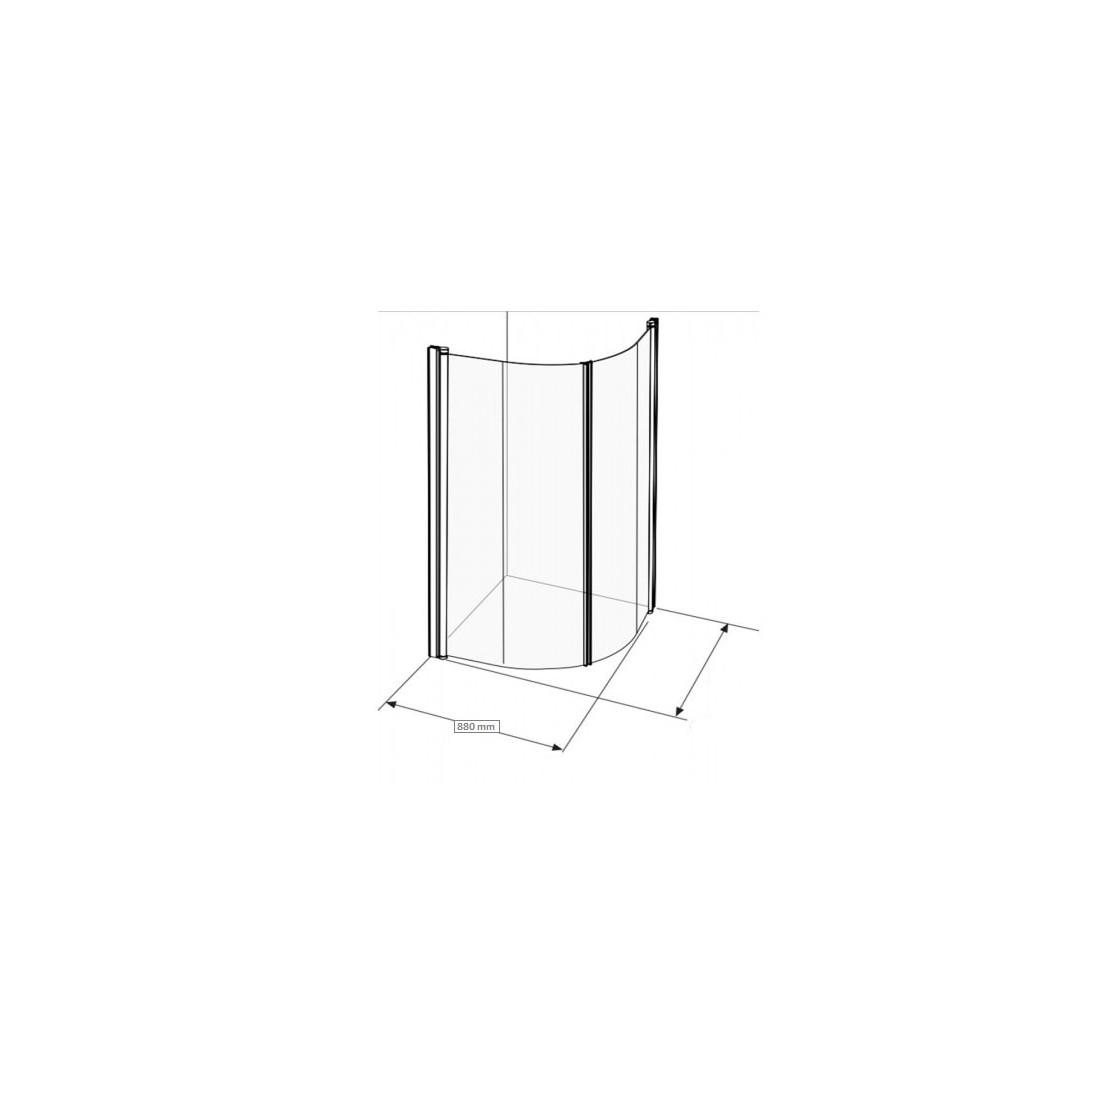 Lenkta dušo dienelė Ifo Space 2000, 90 cm, skaidrus stiklas